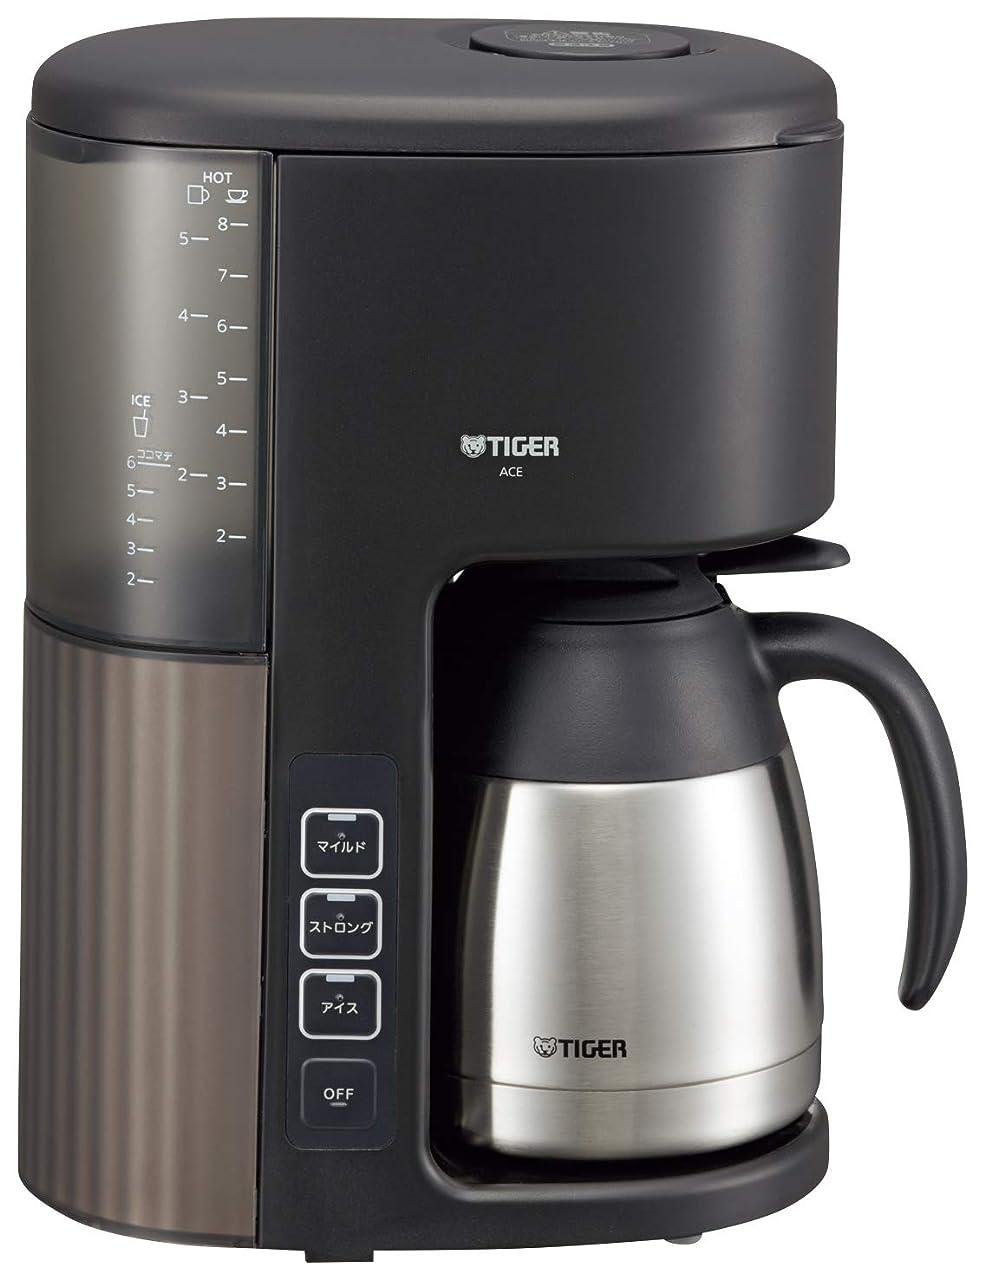 予算千砦タイガー コーヒーメーカー 8杯用 真空 ステンレス サーバー アイス機能付き カフェブラック ACE-S080KQ